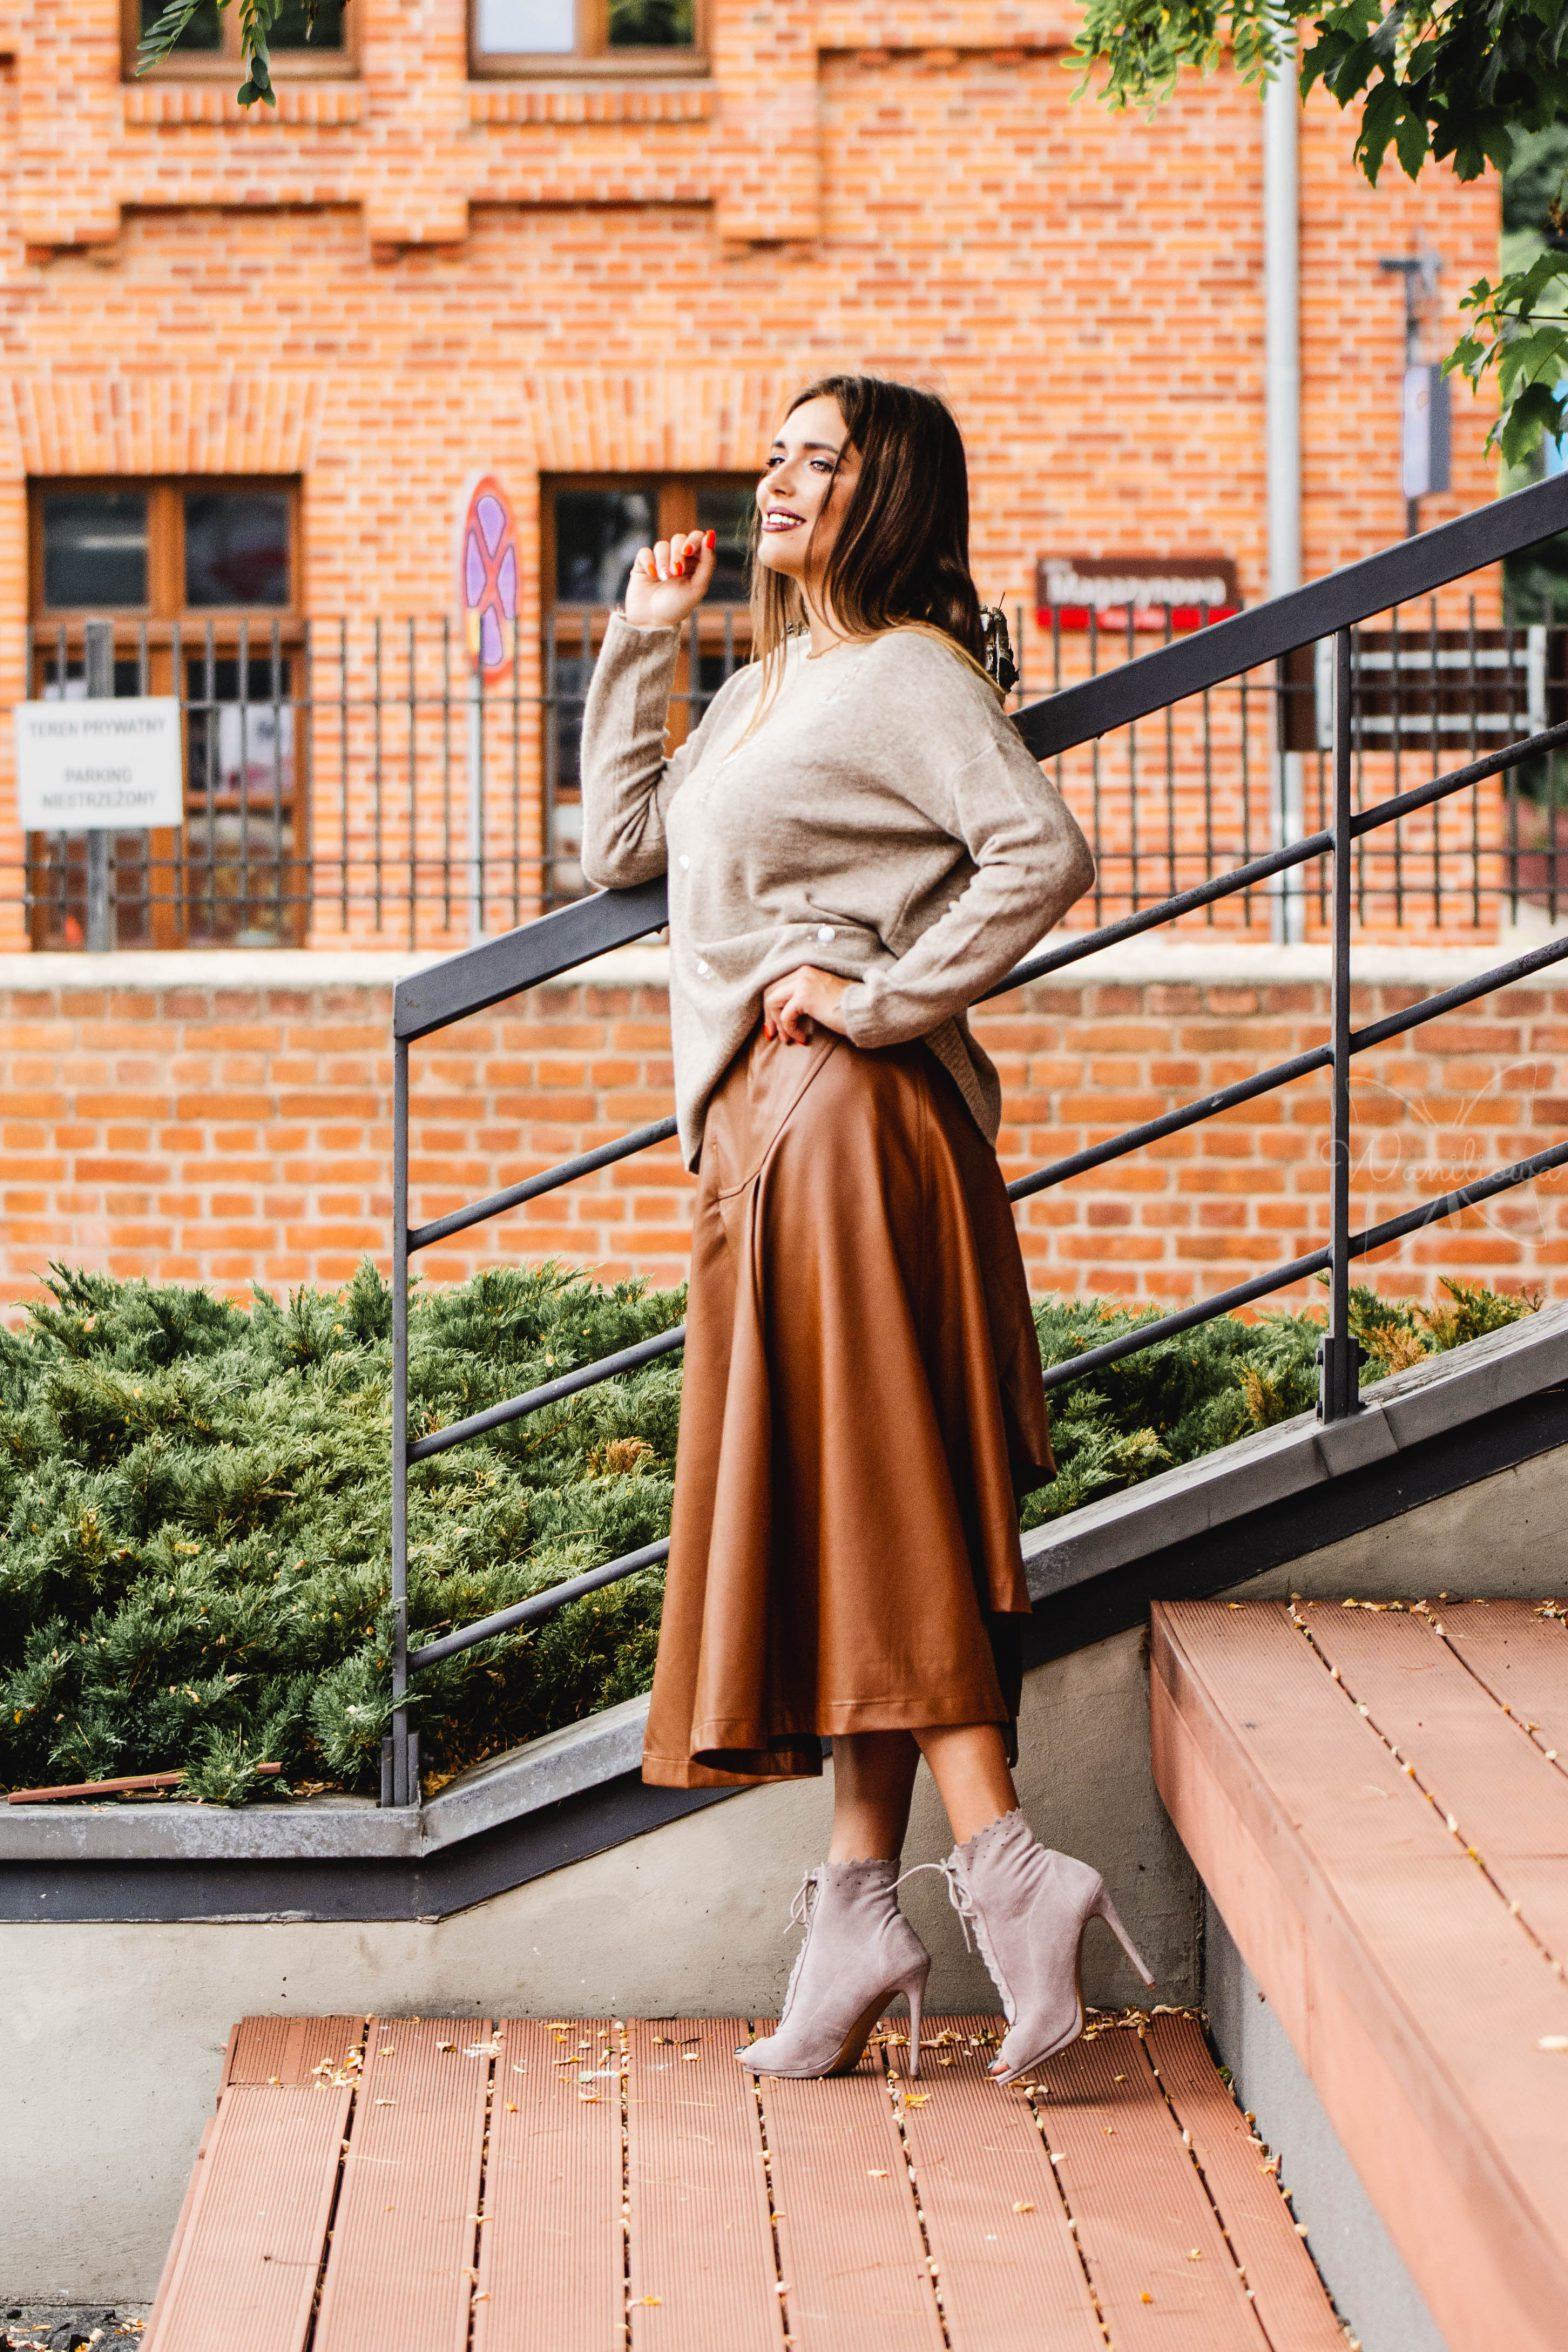 Odważny styl - skórzane spódnice i spodnie